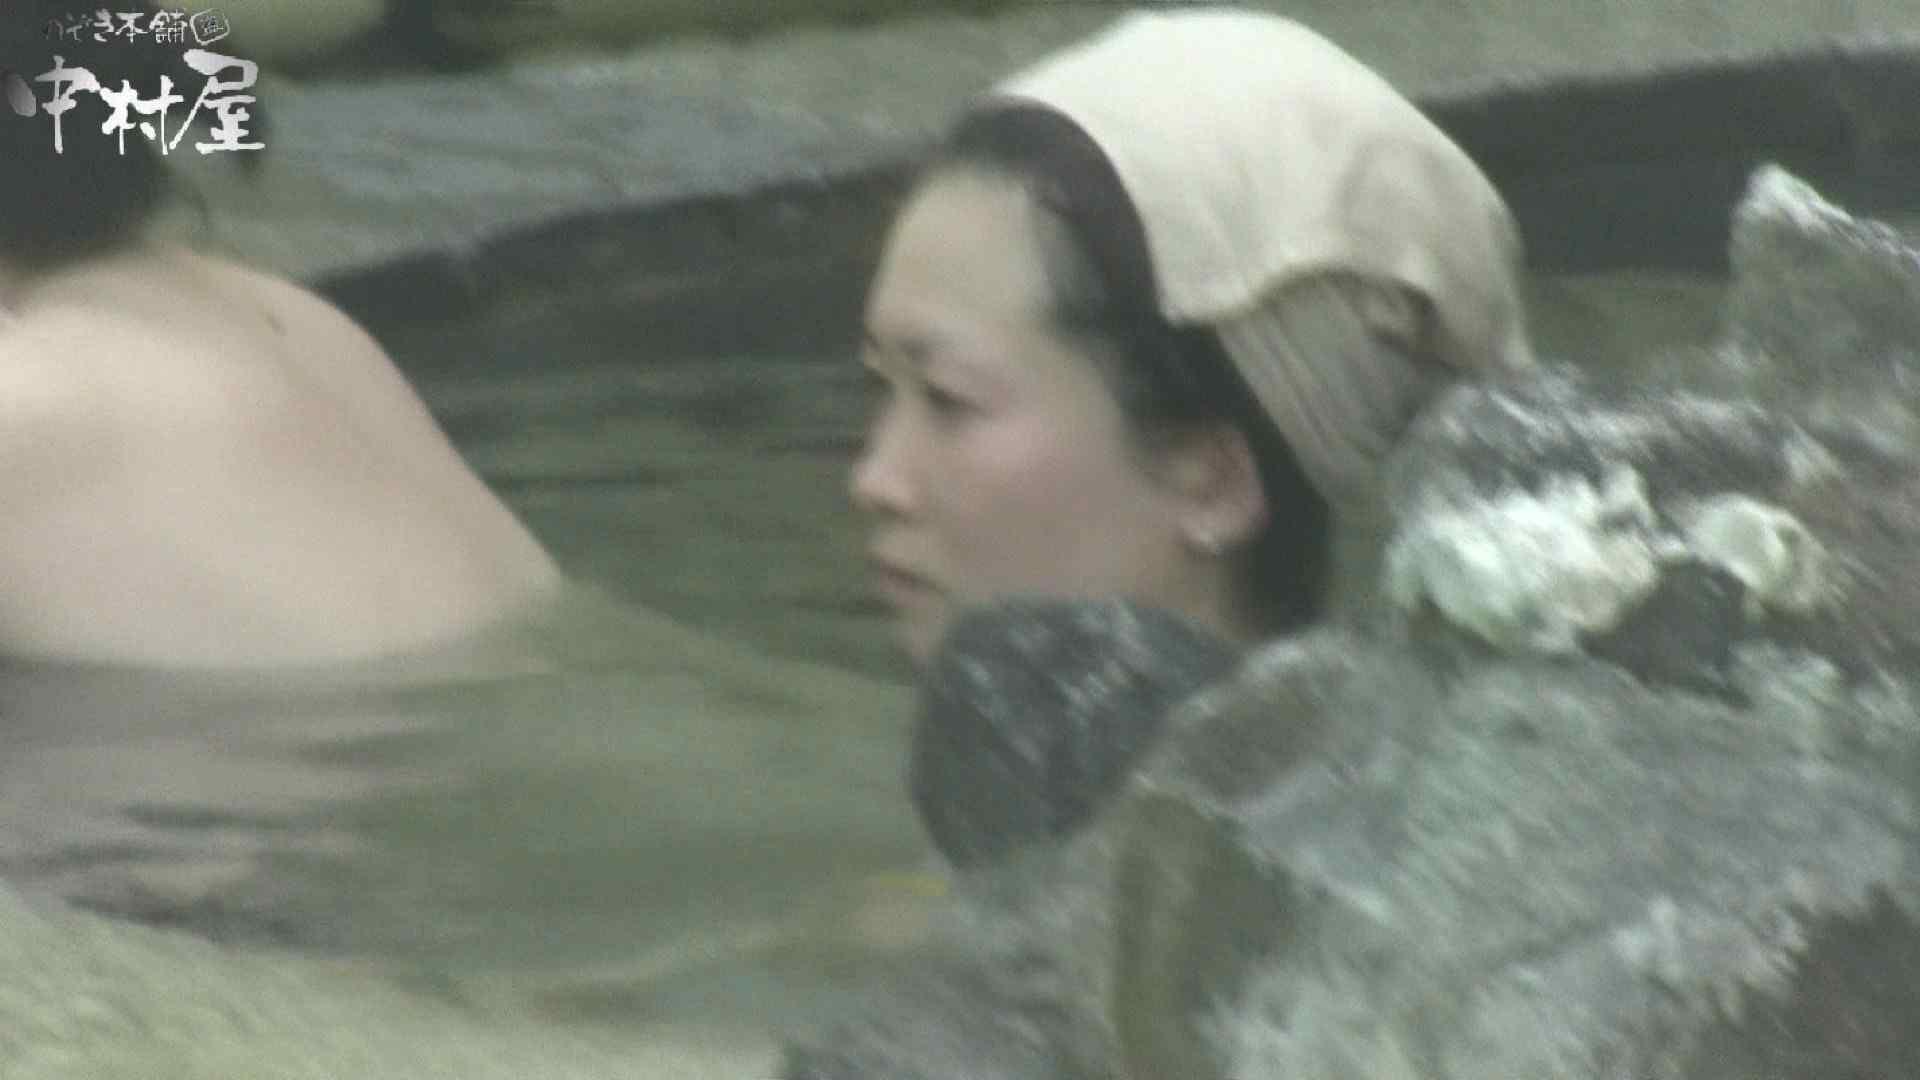 Aquaな露天風呂Vol.906 いやらしいOL 盗撮動画紹介 88連発 78